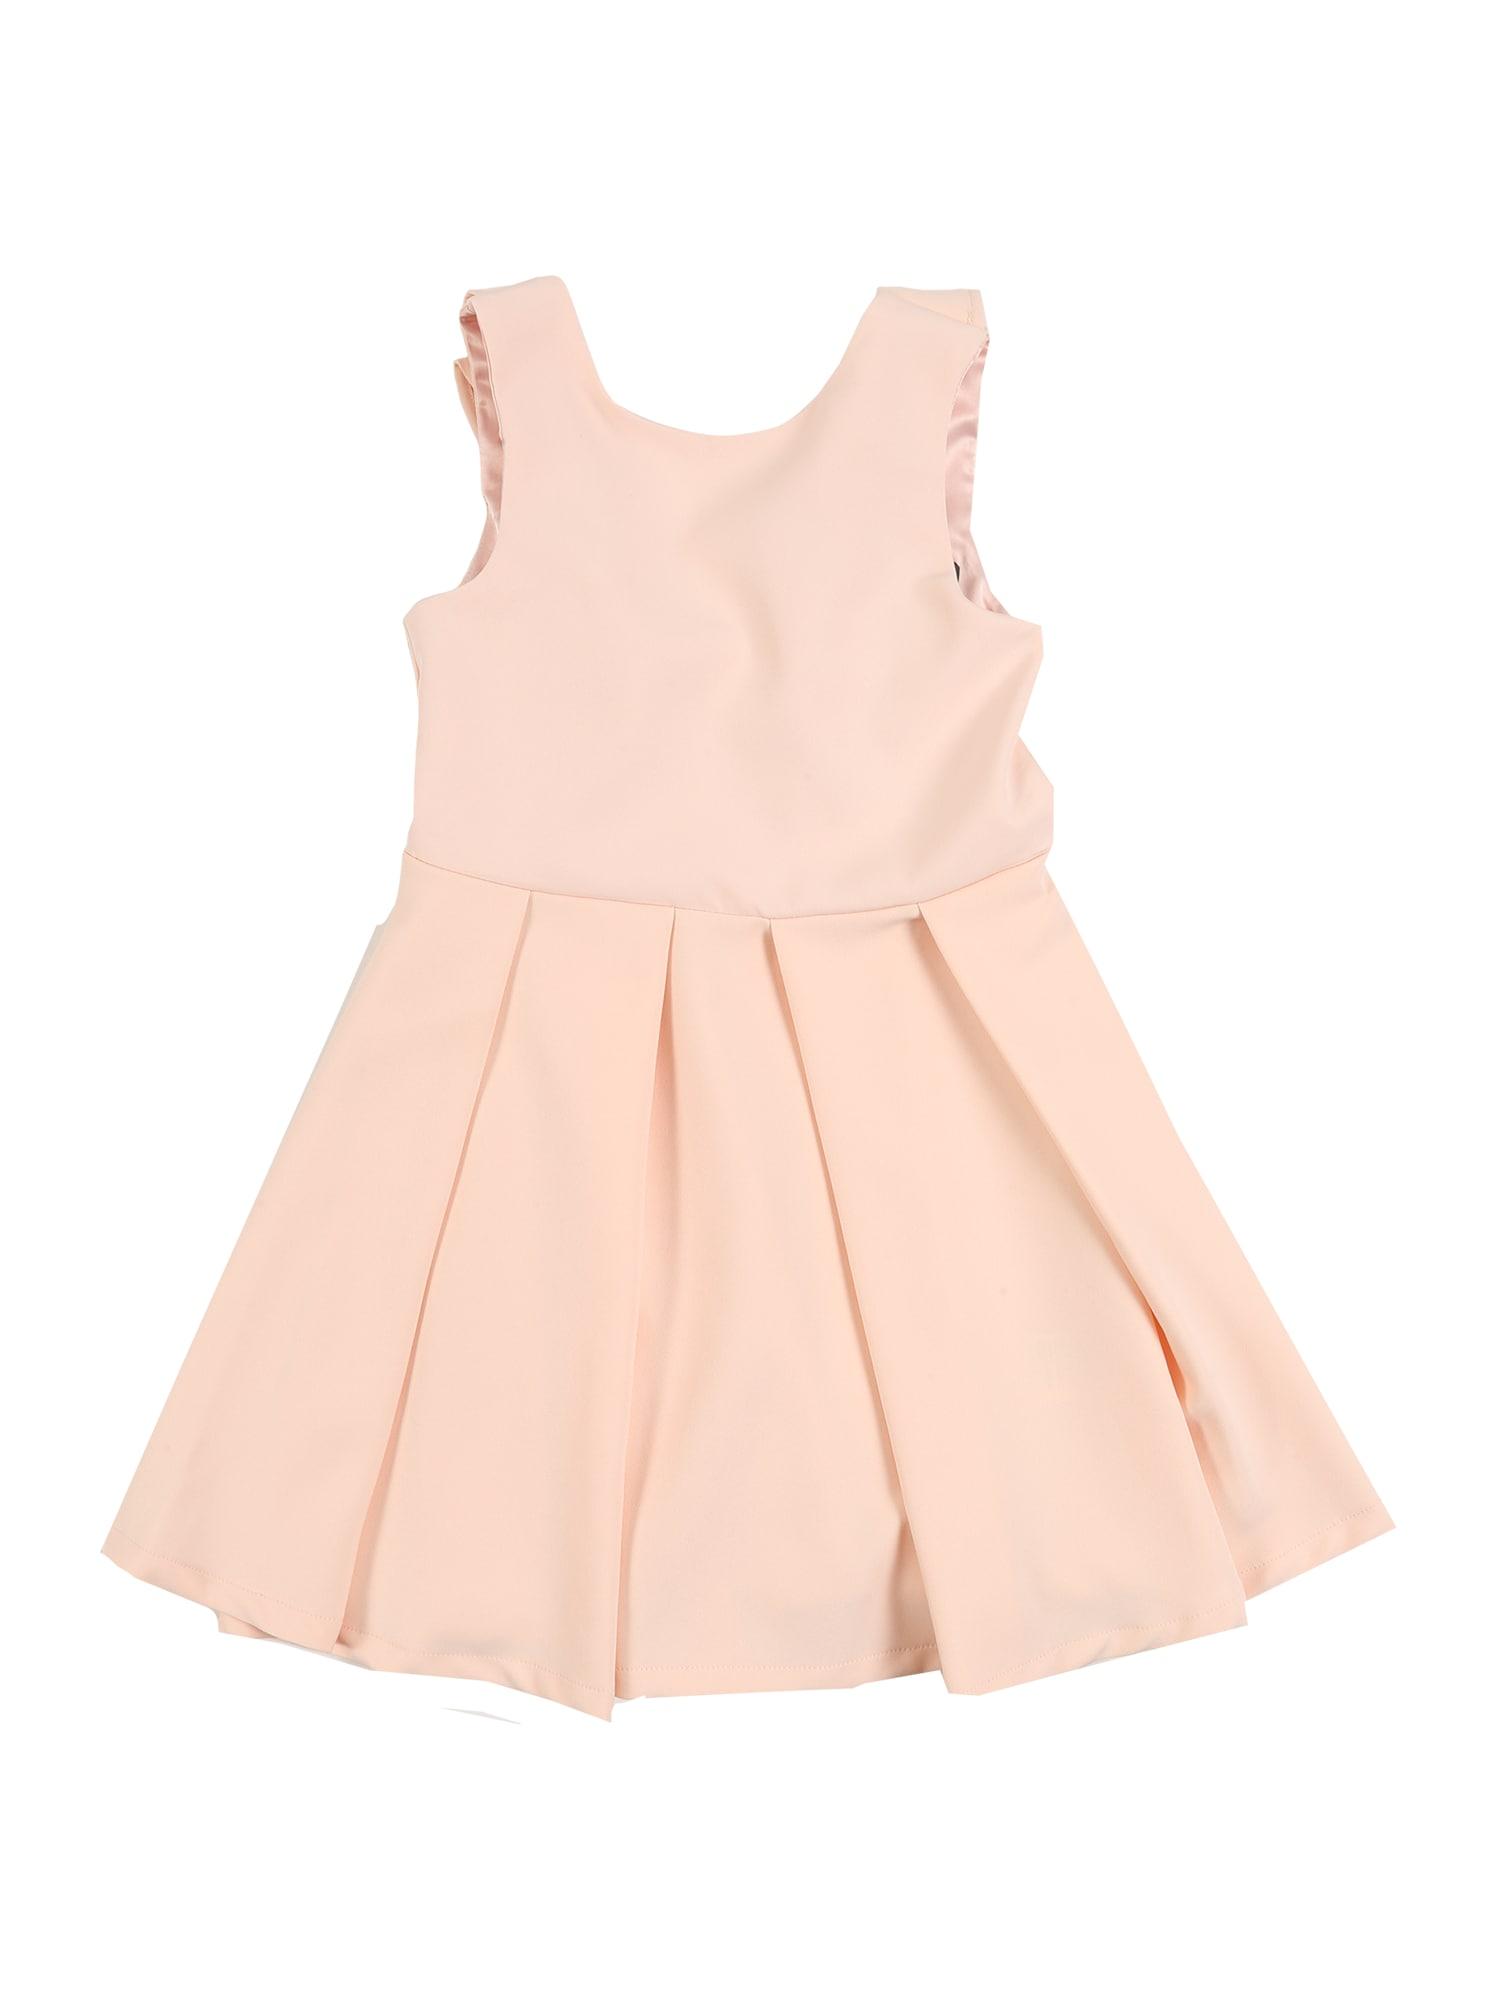 Bardot Suknelė 'ARIA BOW' persikų spalva